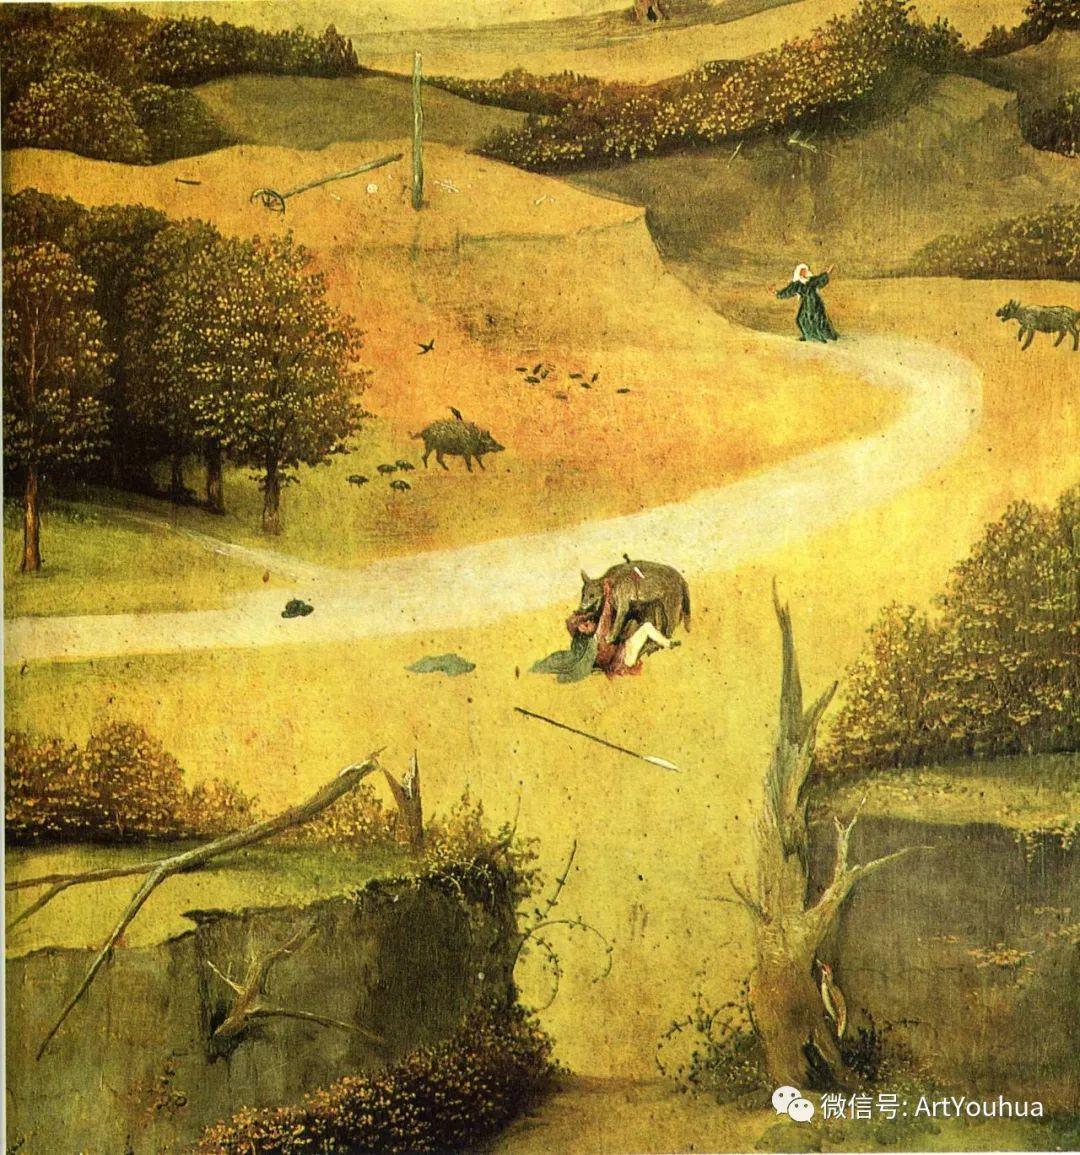 连载No.3 一生要知道的100位世界著名画家之希罗尼穆斯·波希插图28